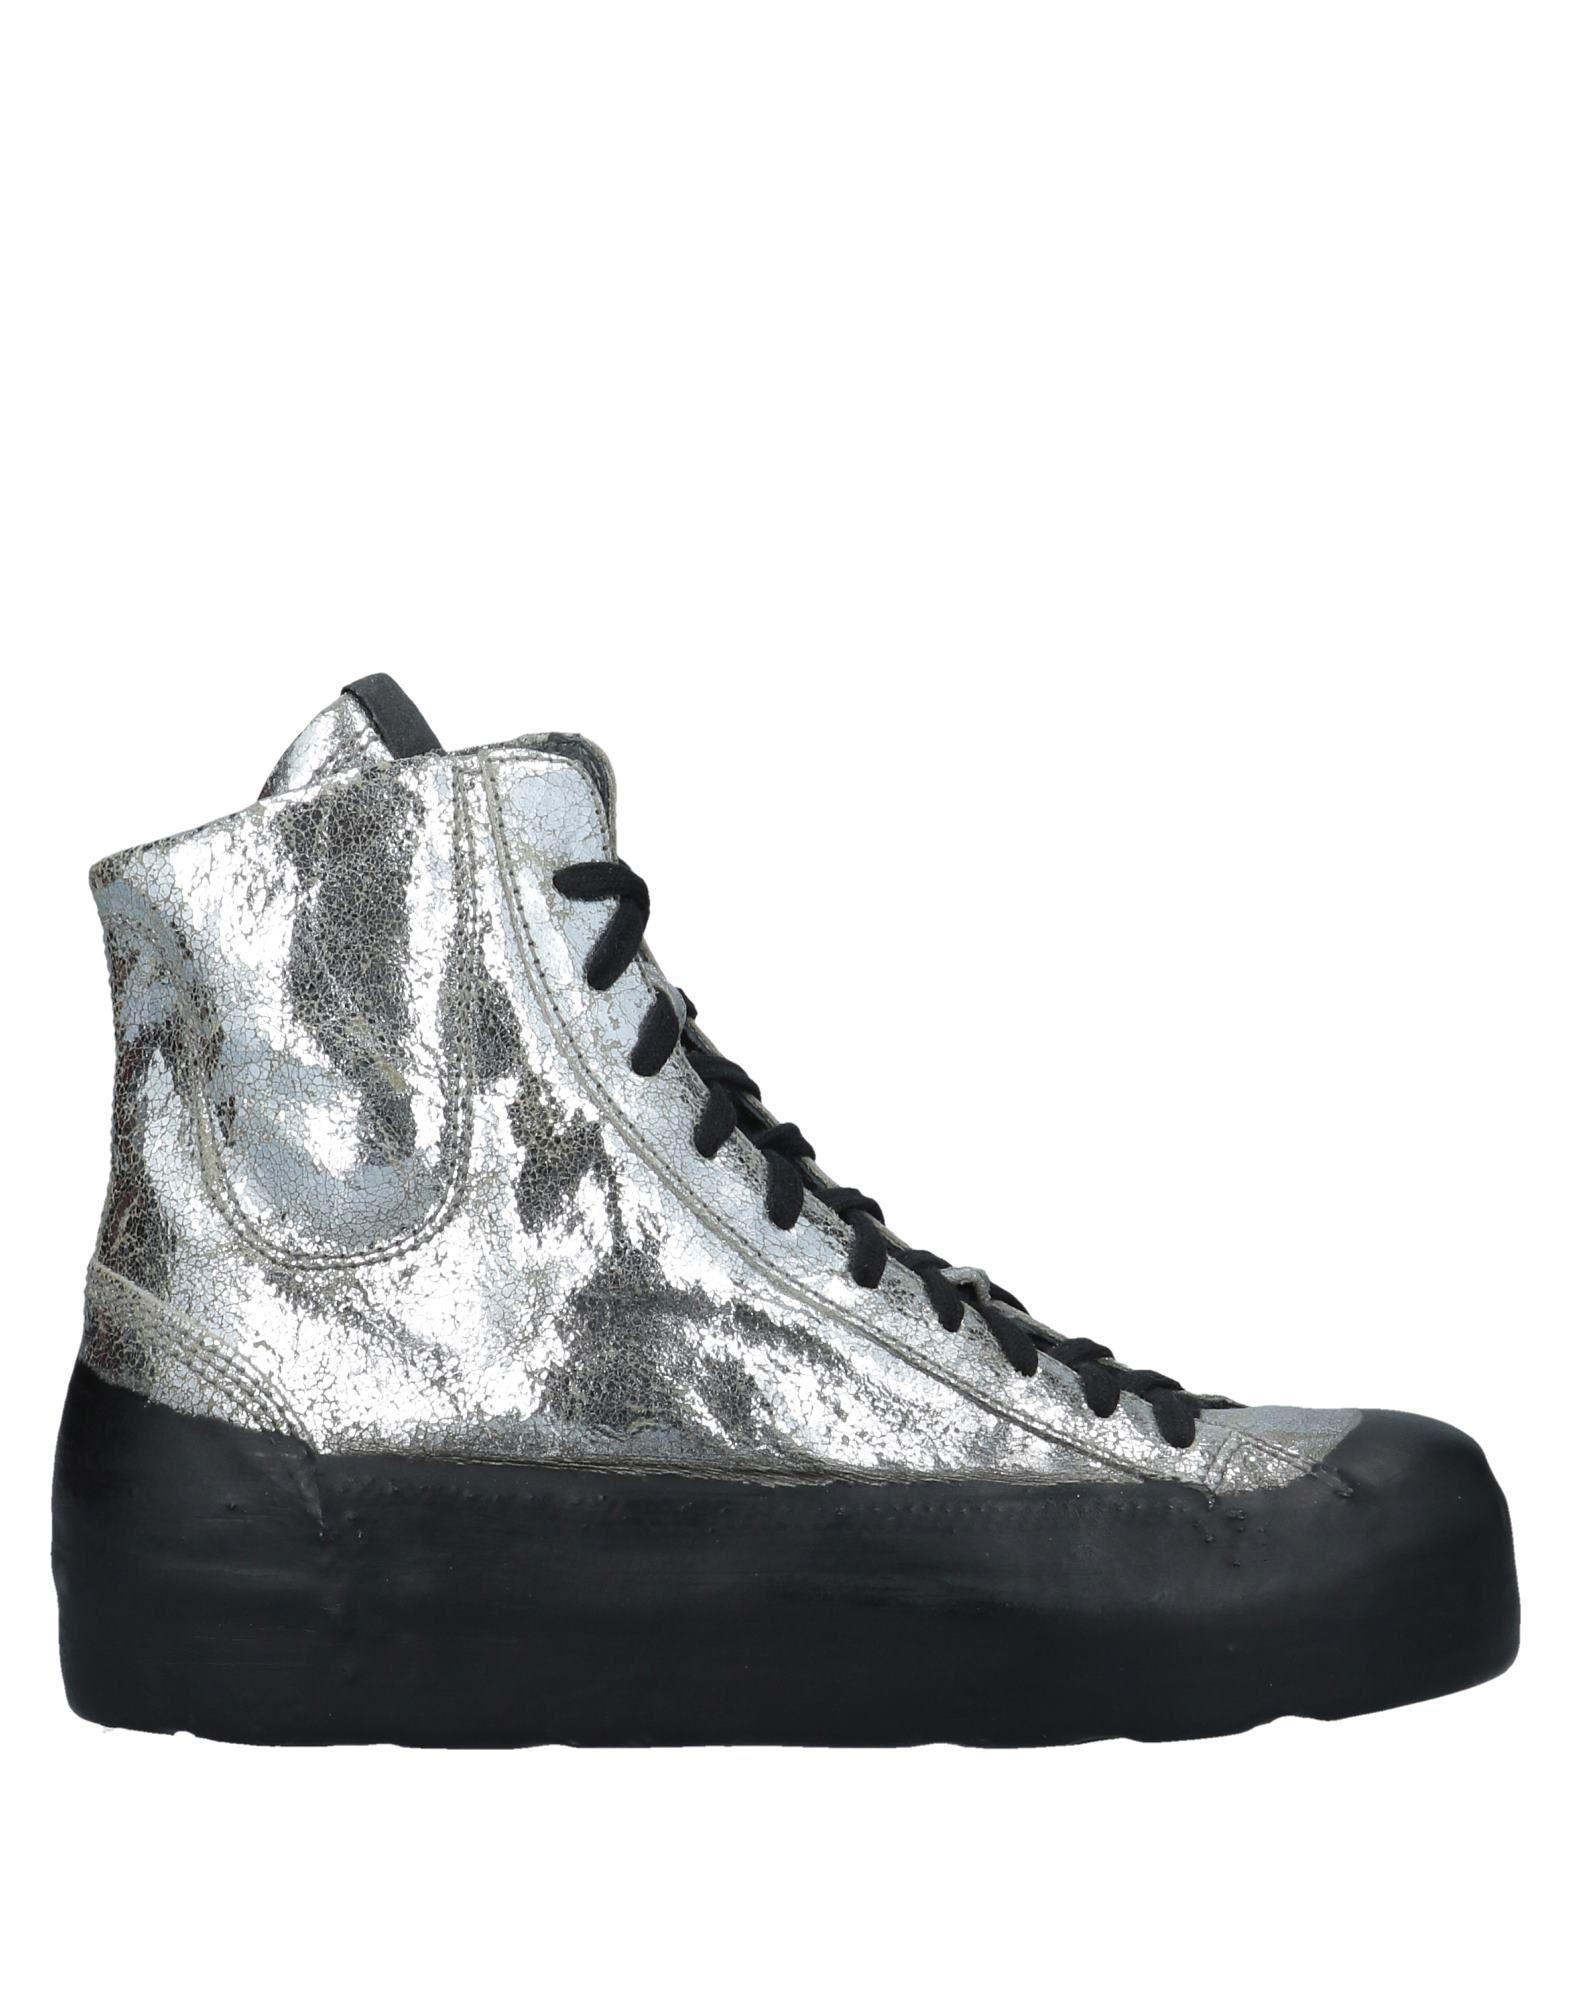 O.X.S. Rubber Soul Sneakers Preis-Leistungs-Verhältnis, Damen Gutes Preis-Leistungs-Verhältnis, Sneakers es lohnt sich 6adcbc